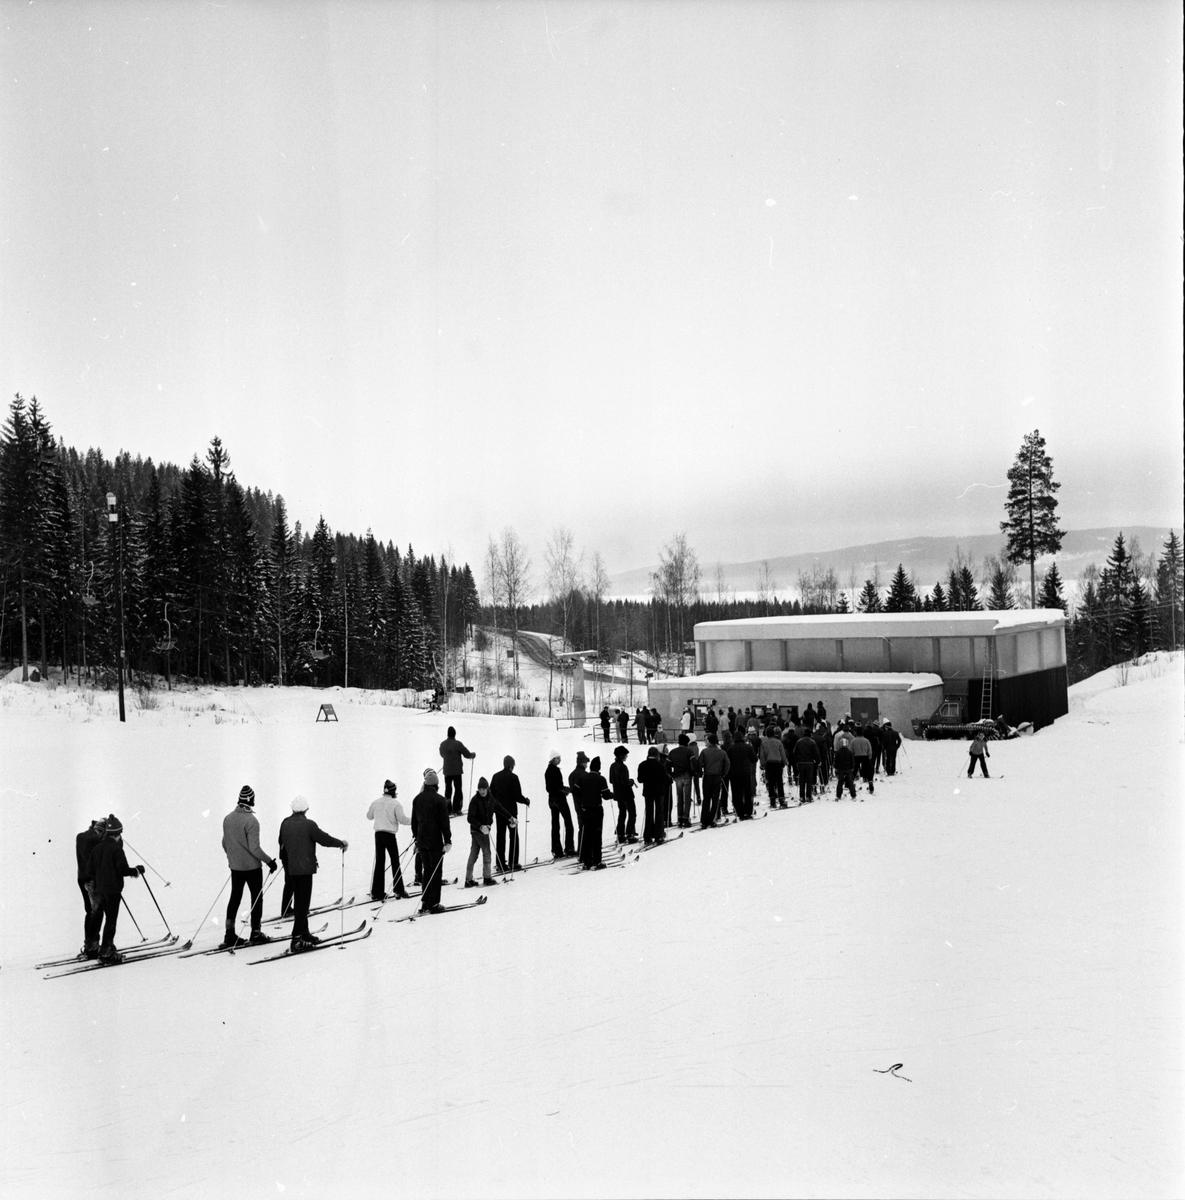 Åsberget, Skiddag, Febr 1972